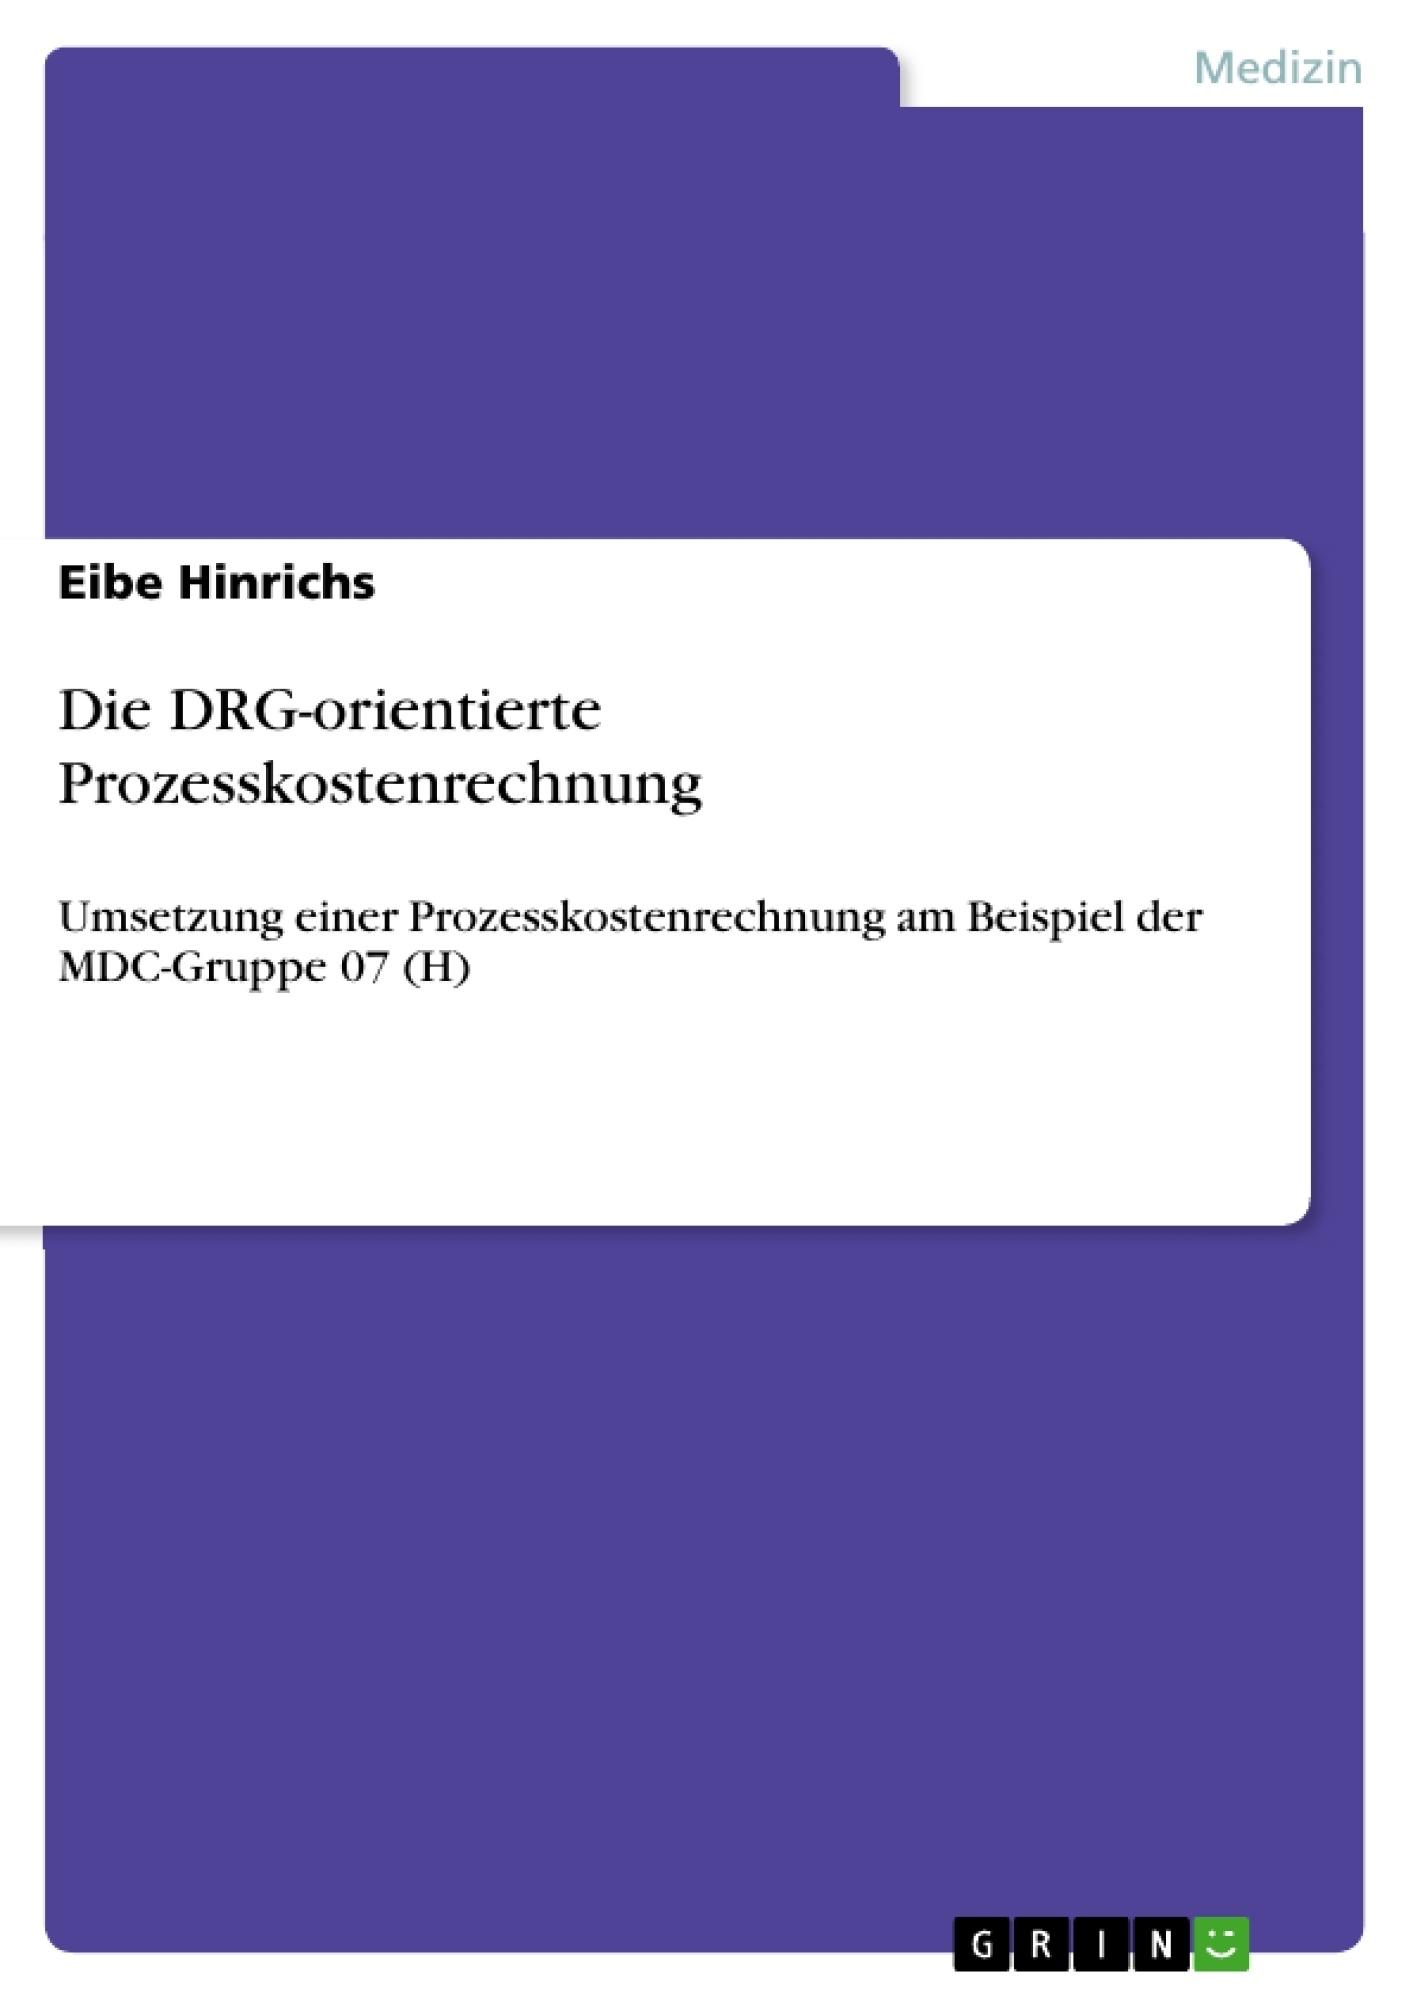 Titel: Die DRG-orientierte Prozesskostenrechnung